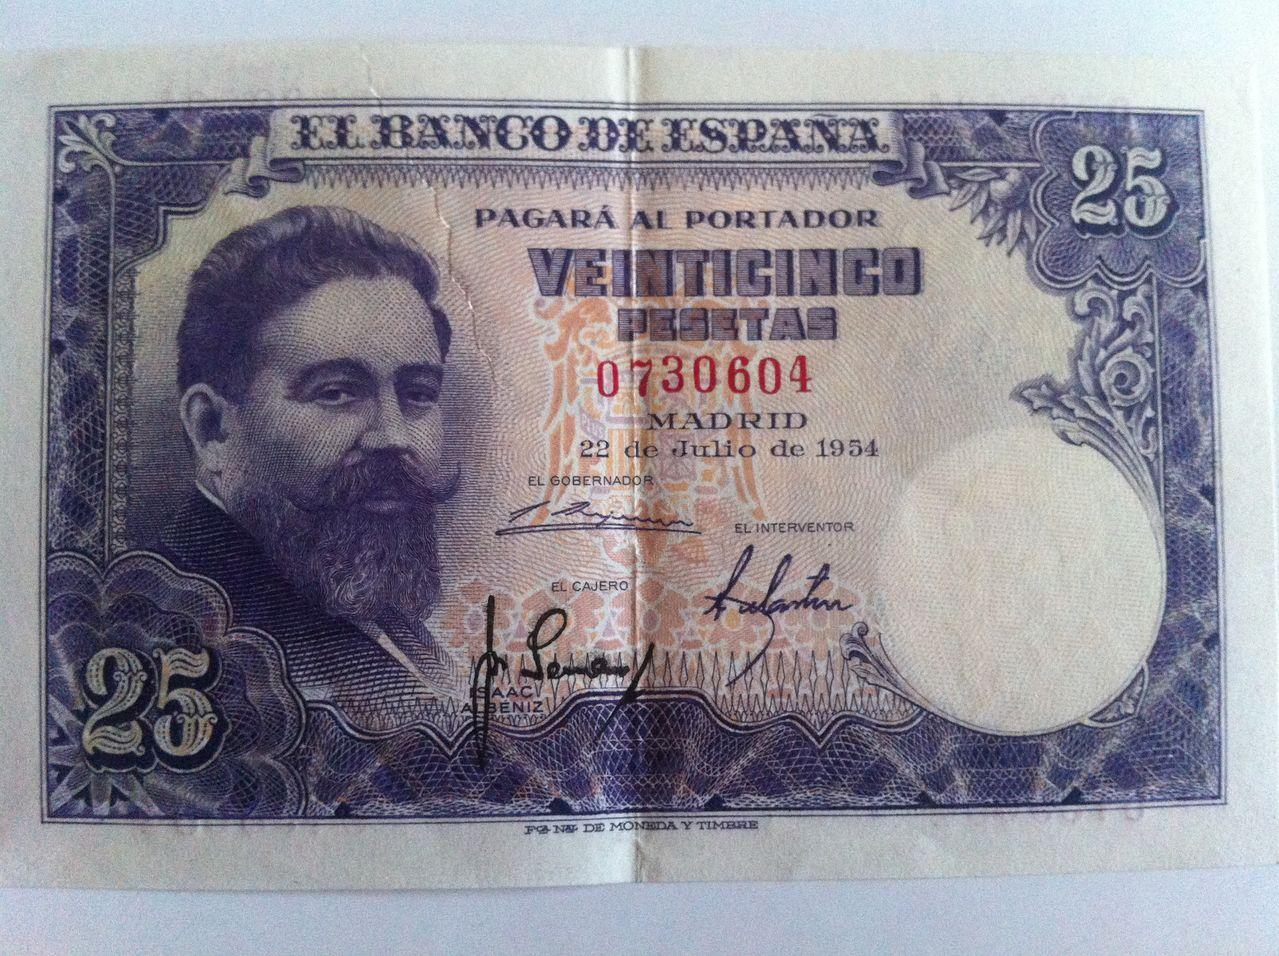 Ayuda para valorar coleccion de billetes IMG_4993